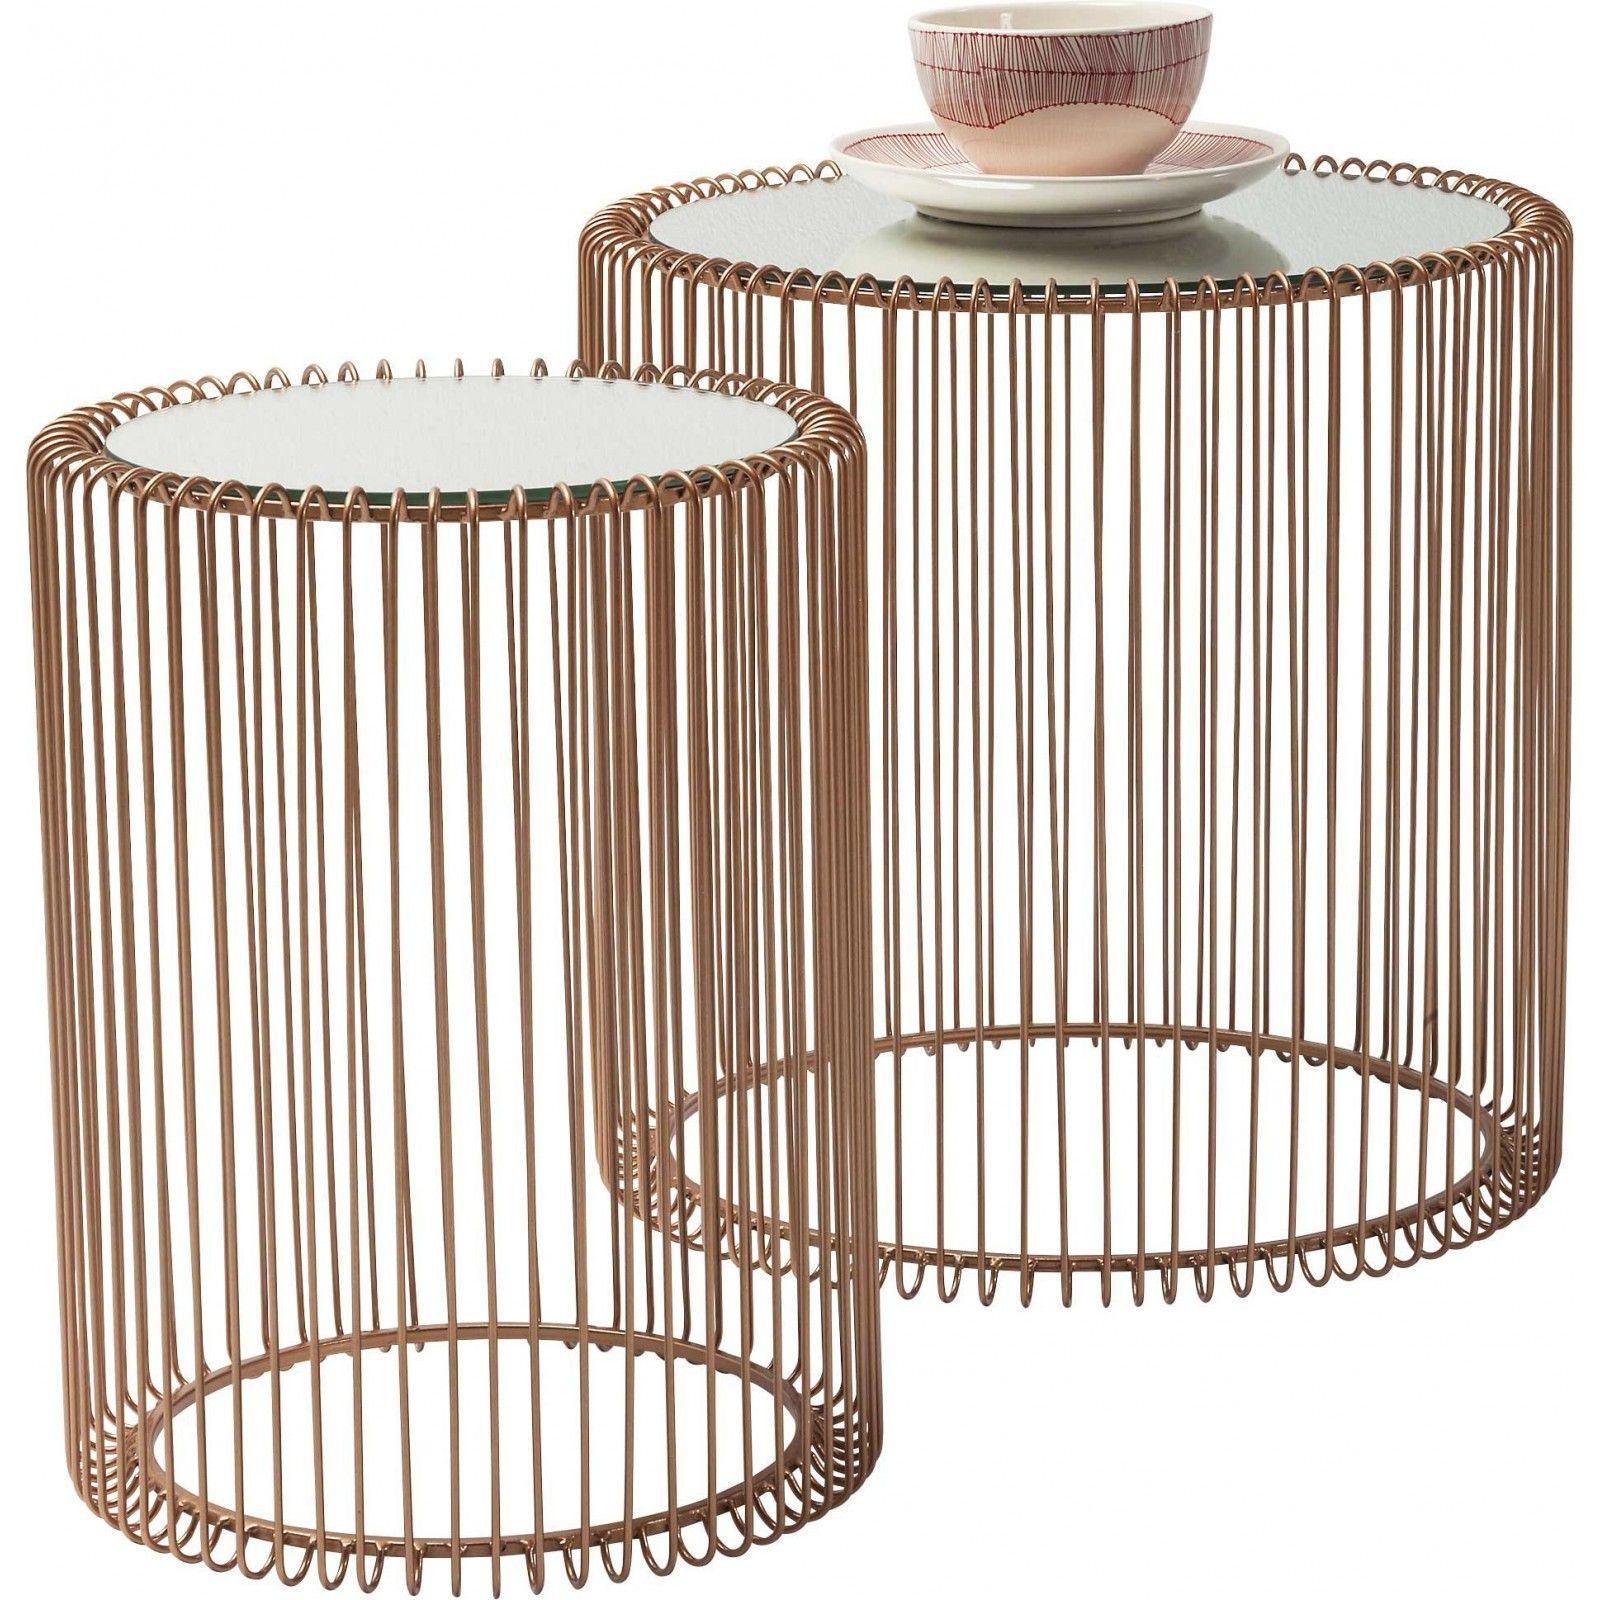 Tables D Appoint Rondes Wire Cuivre Set De 2 Kare Design En 2020 Table D Appoint Table D Appoint Ronde Et Table De Chevet